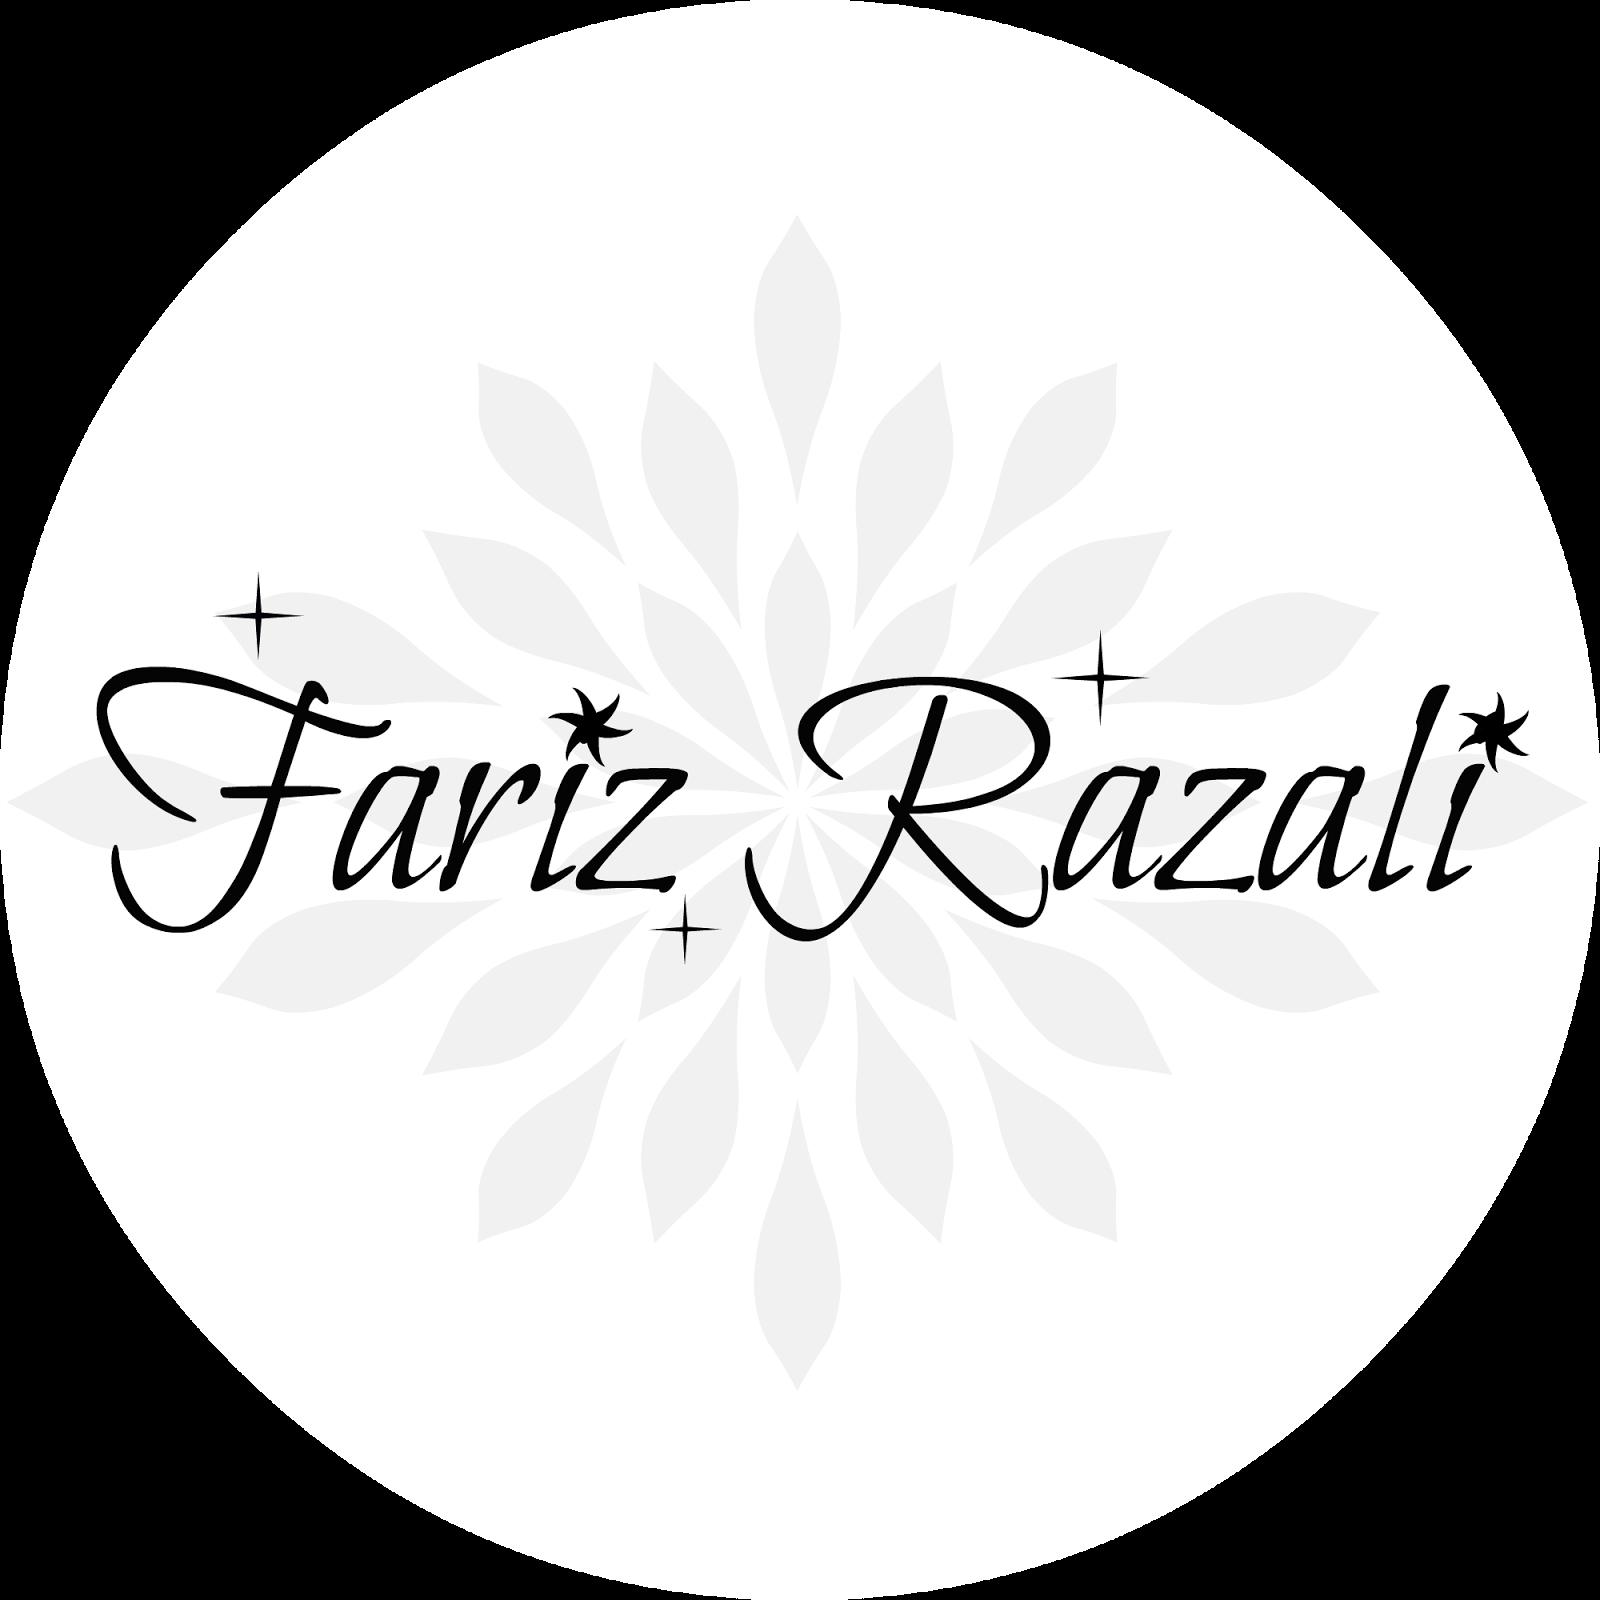 Fariz Razali